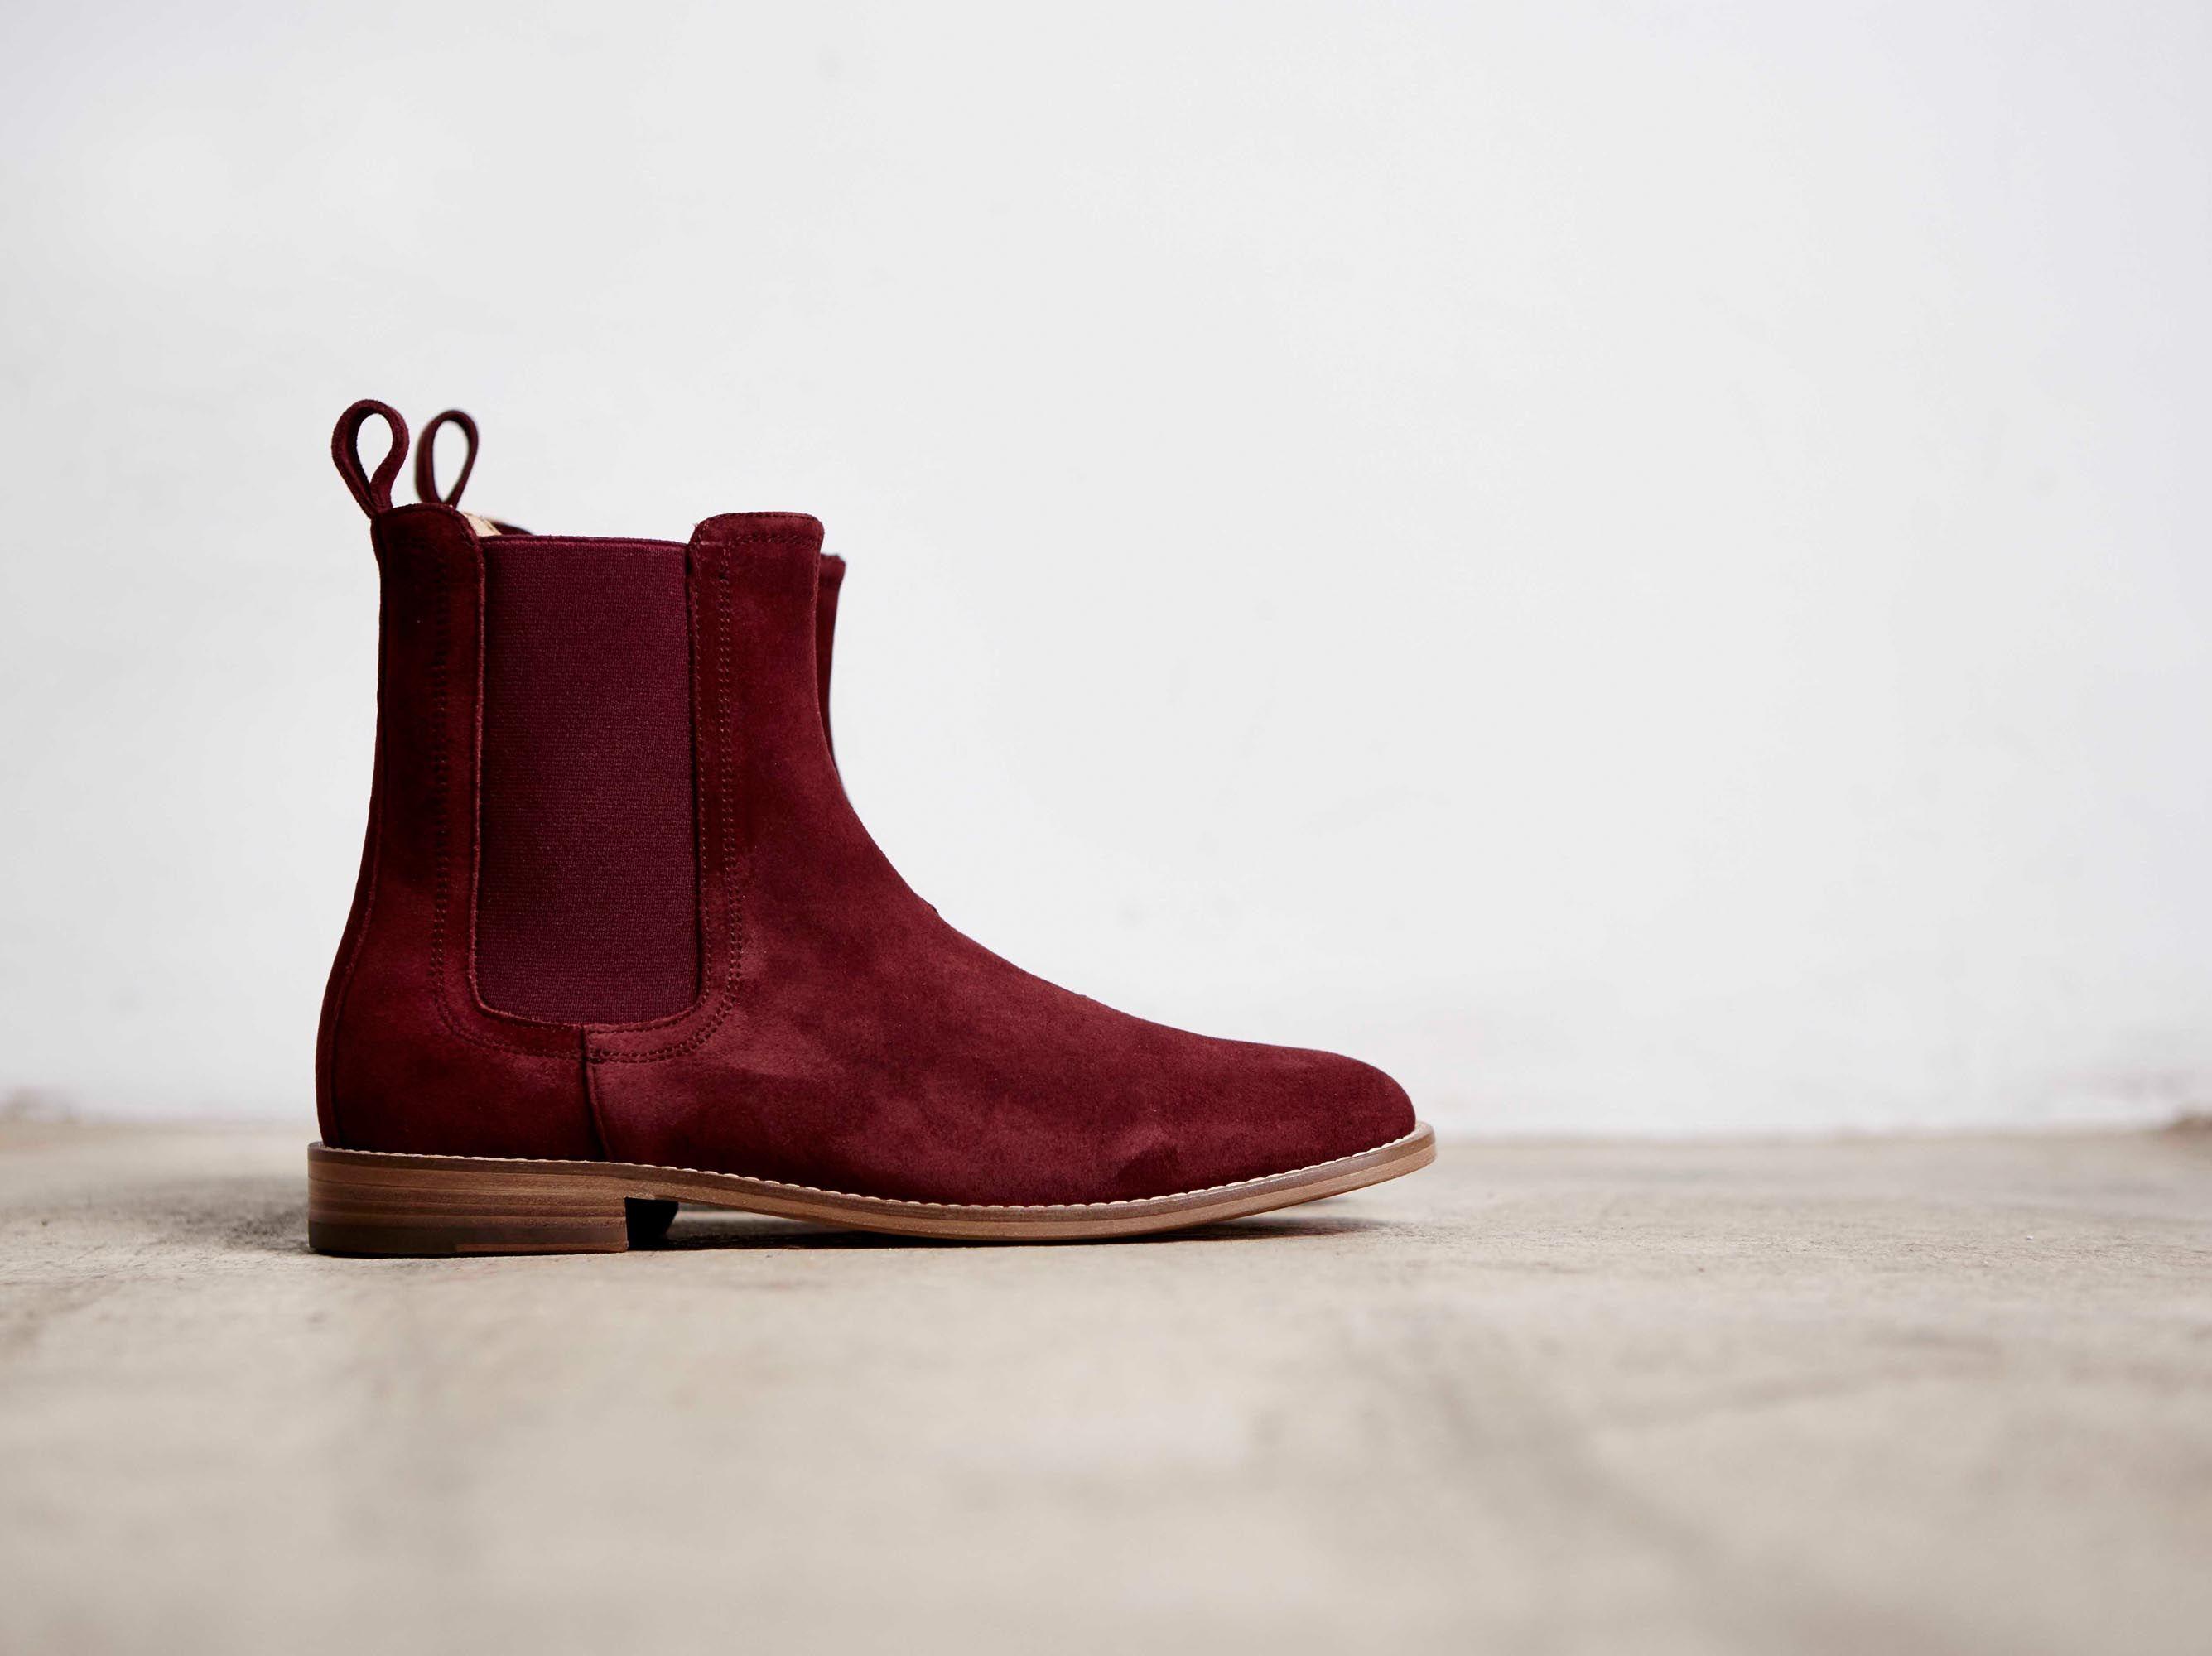 Represent Clo Boots Chelsea Boots Represent Clothing